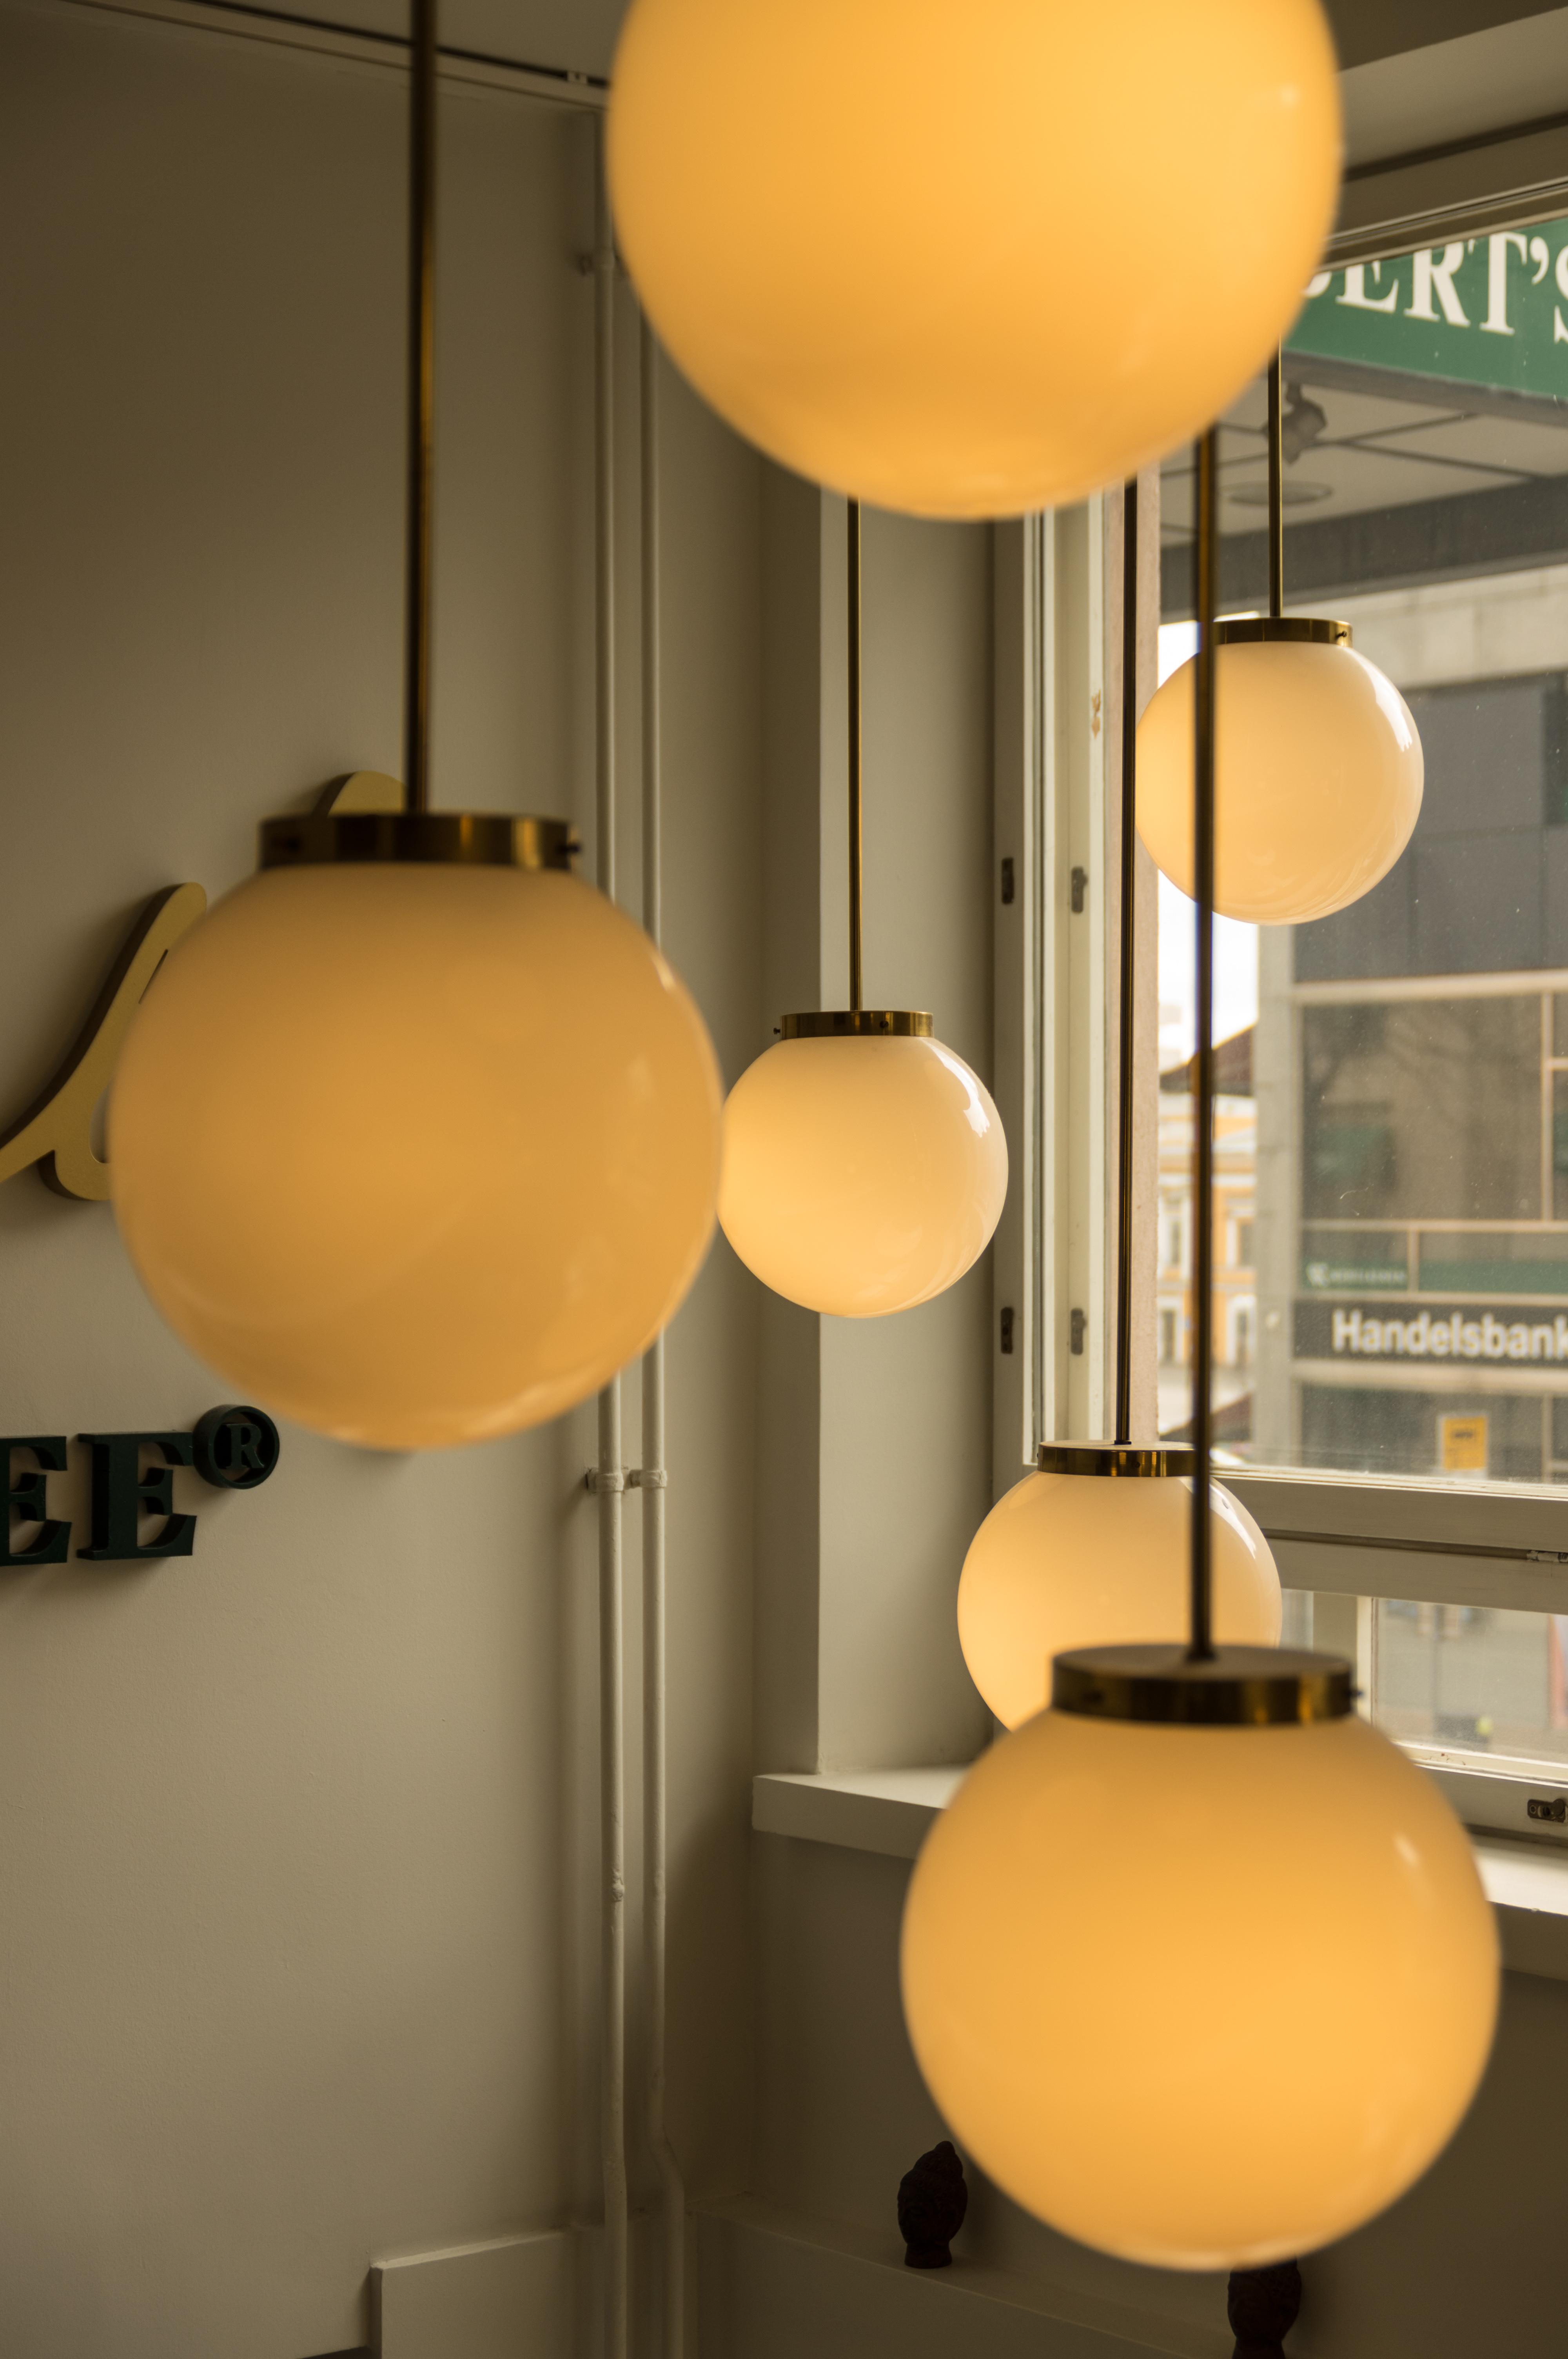 Gratis Afbeeldingen : licht, plafond, kleur, lamp, kamer, geel ...